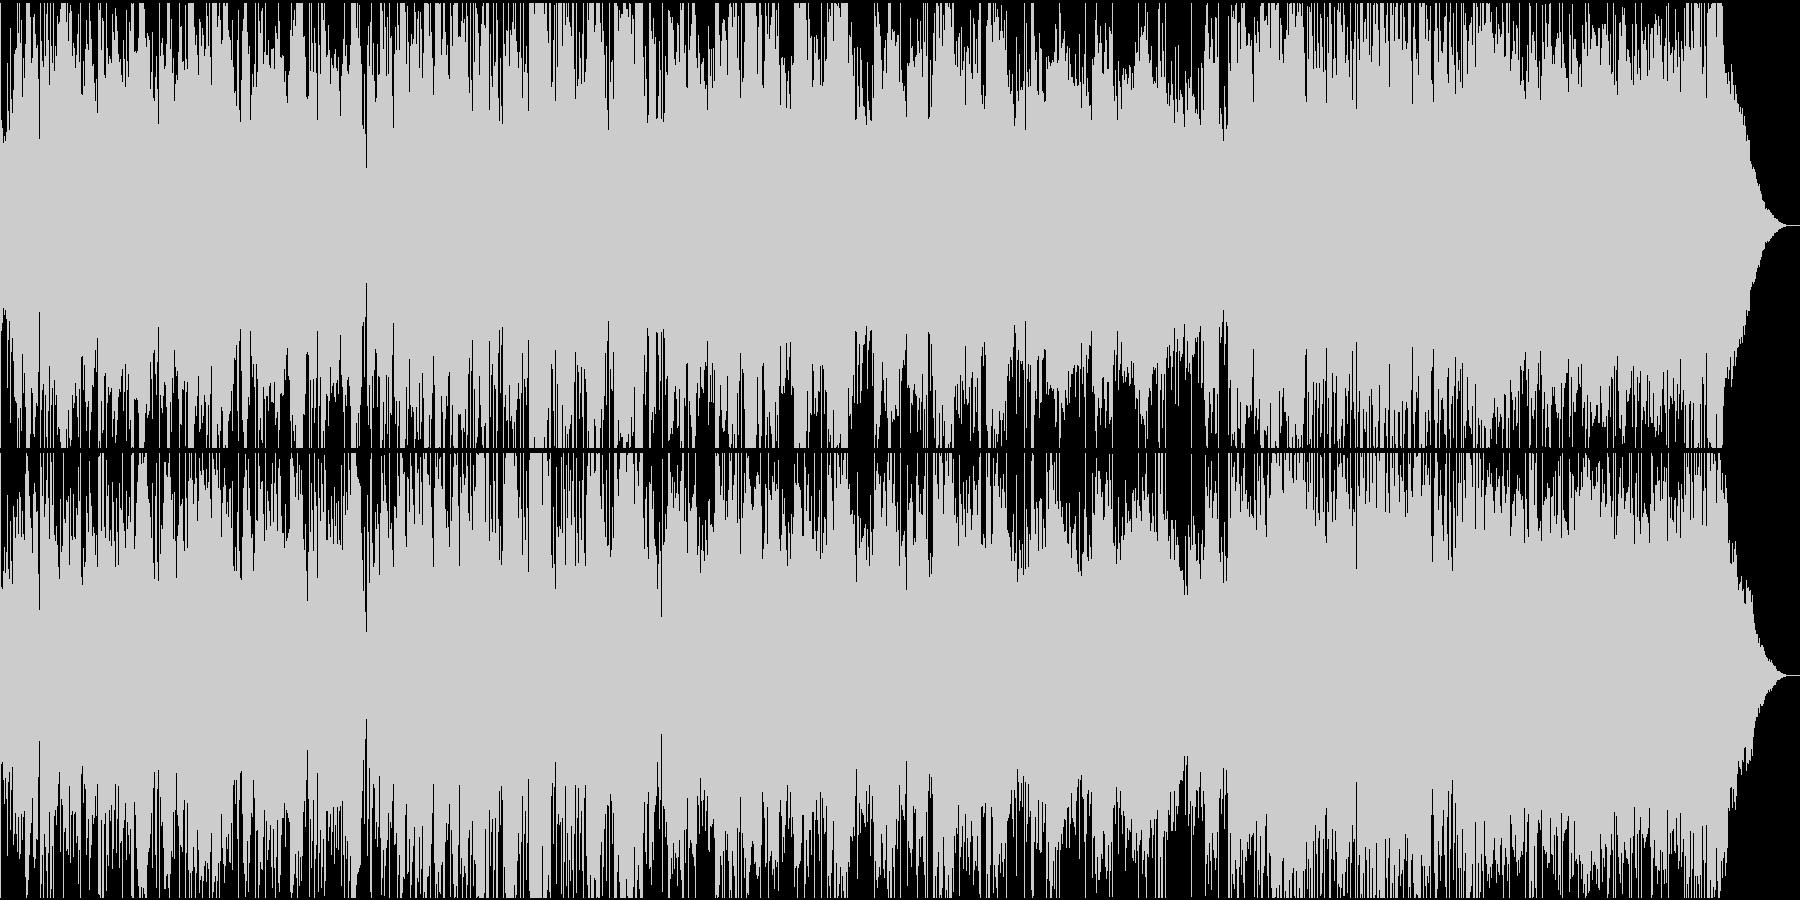 ハーモニカとペダルスティールのバラードの未再生の波形